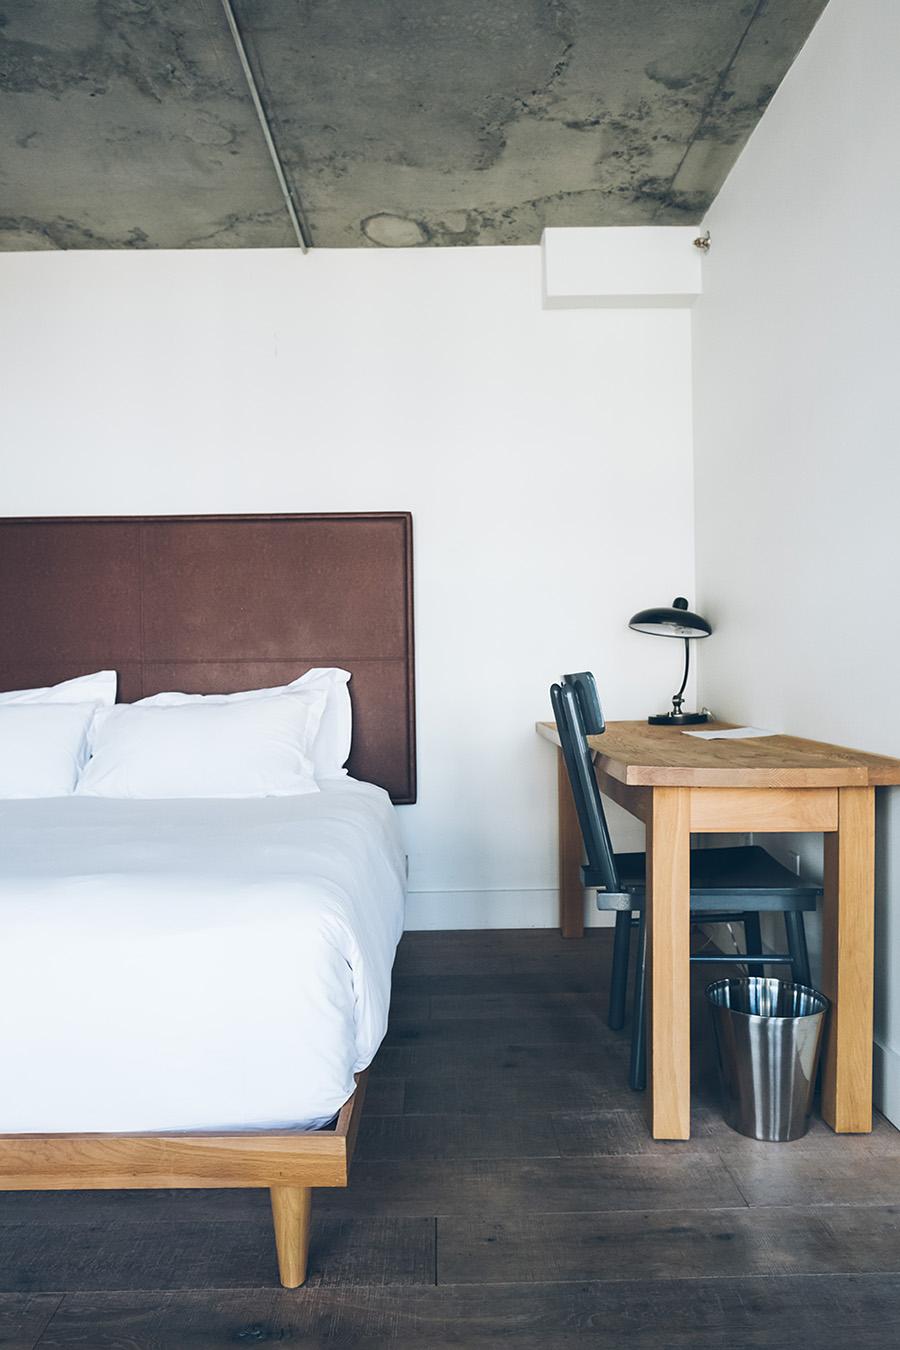 BORO-HOTEL-NEW-YORK-CITY-LIC-STAYCATION-CYNTHIACHUNG--114.jpg